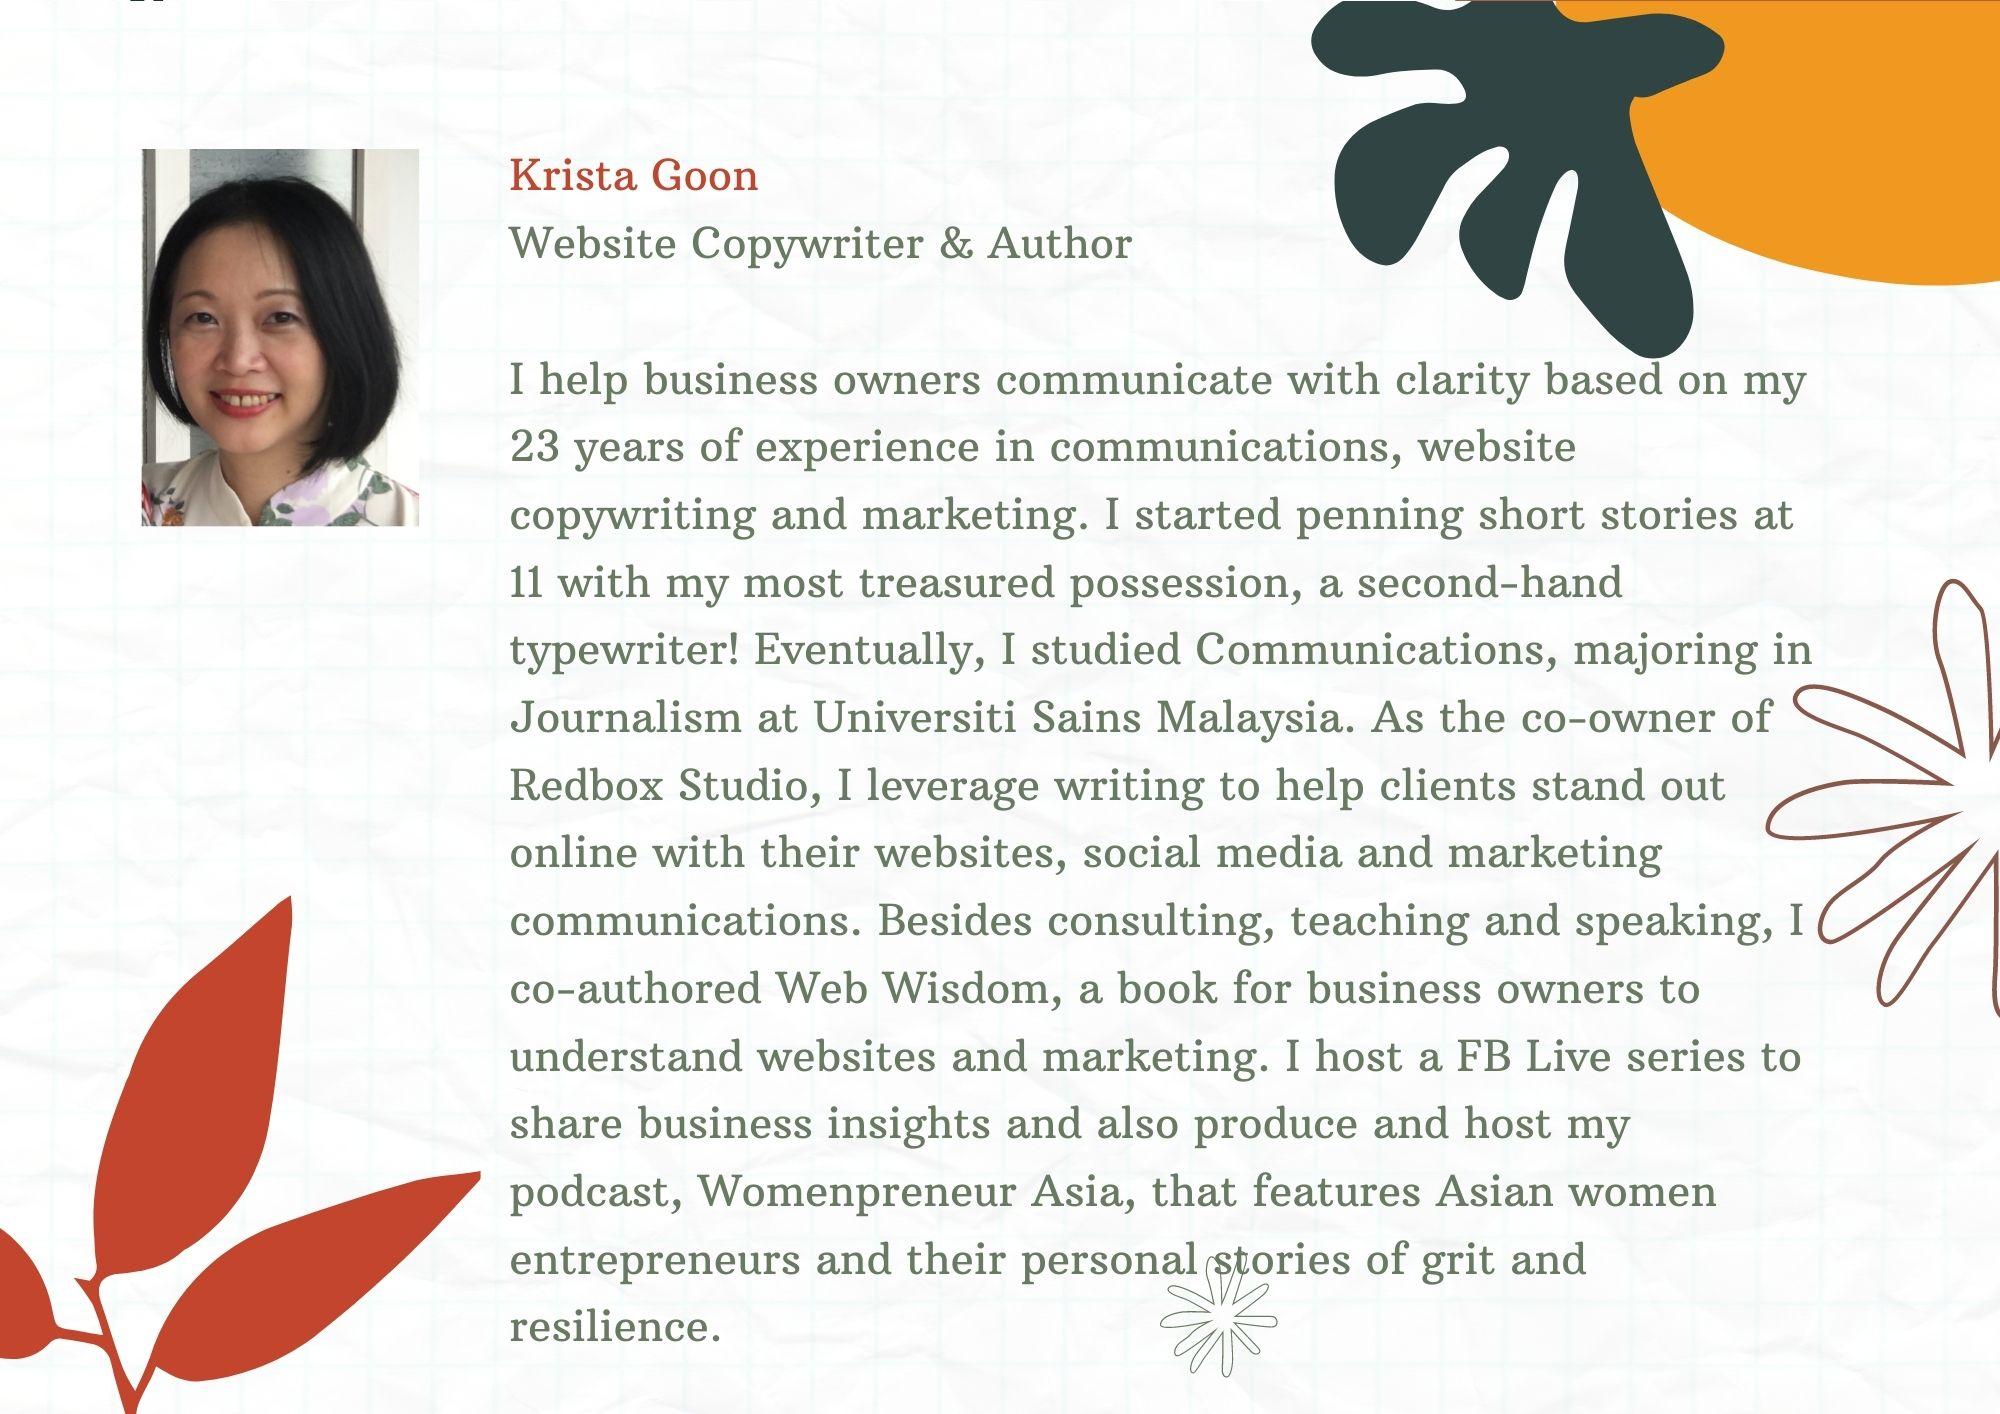 krista goon website copywriter website consultant author